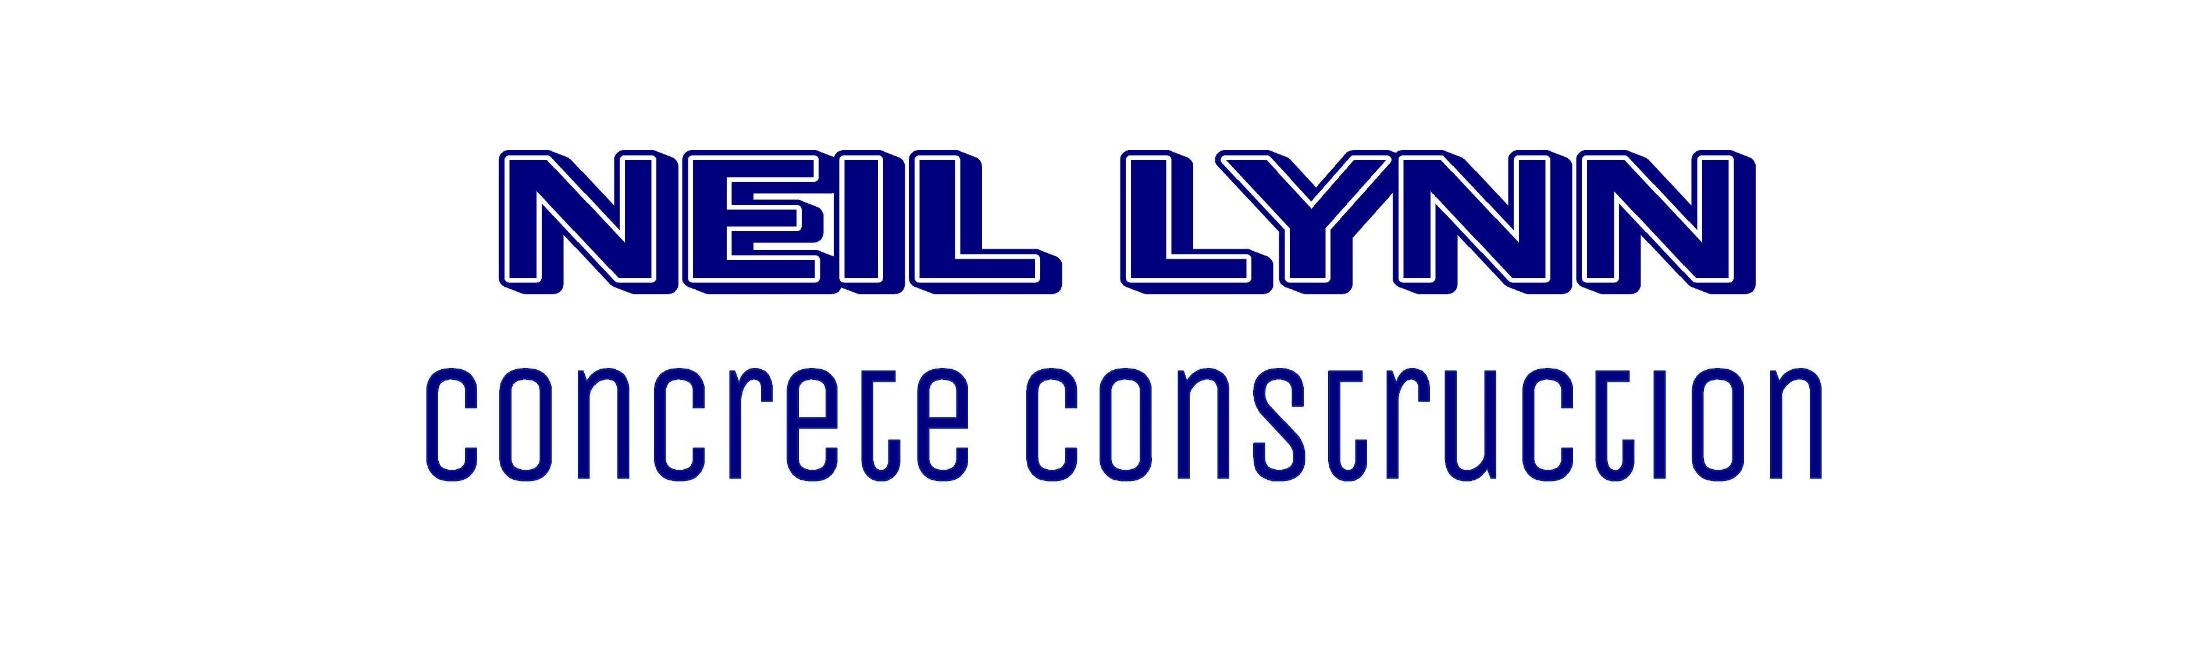 Neillynn Concrete